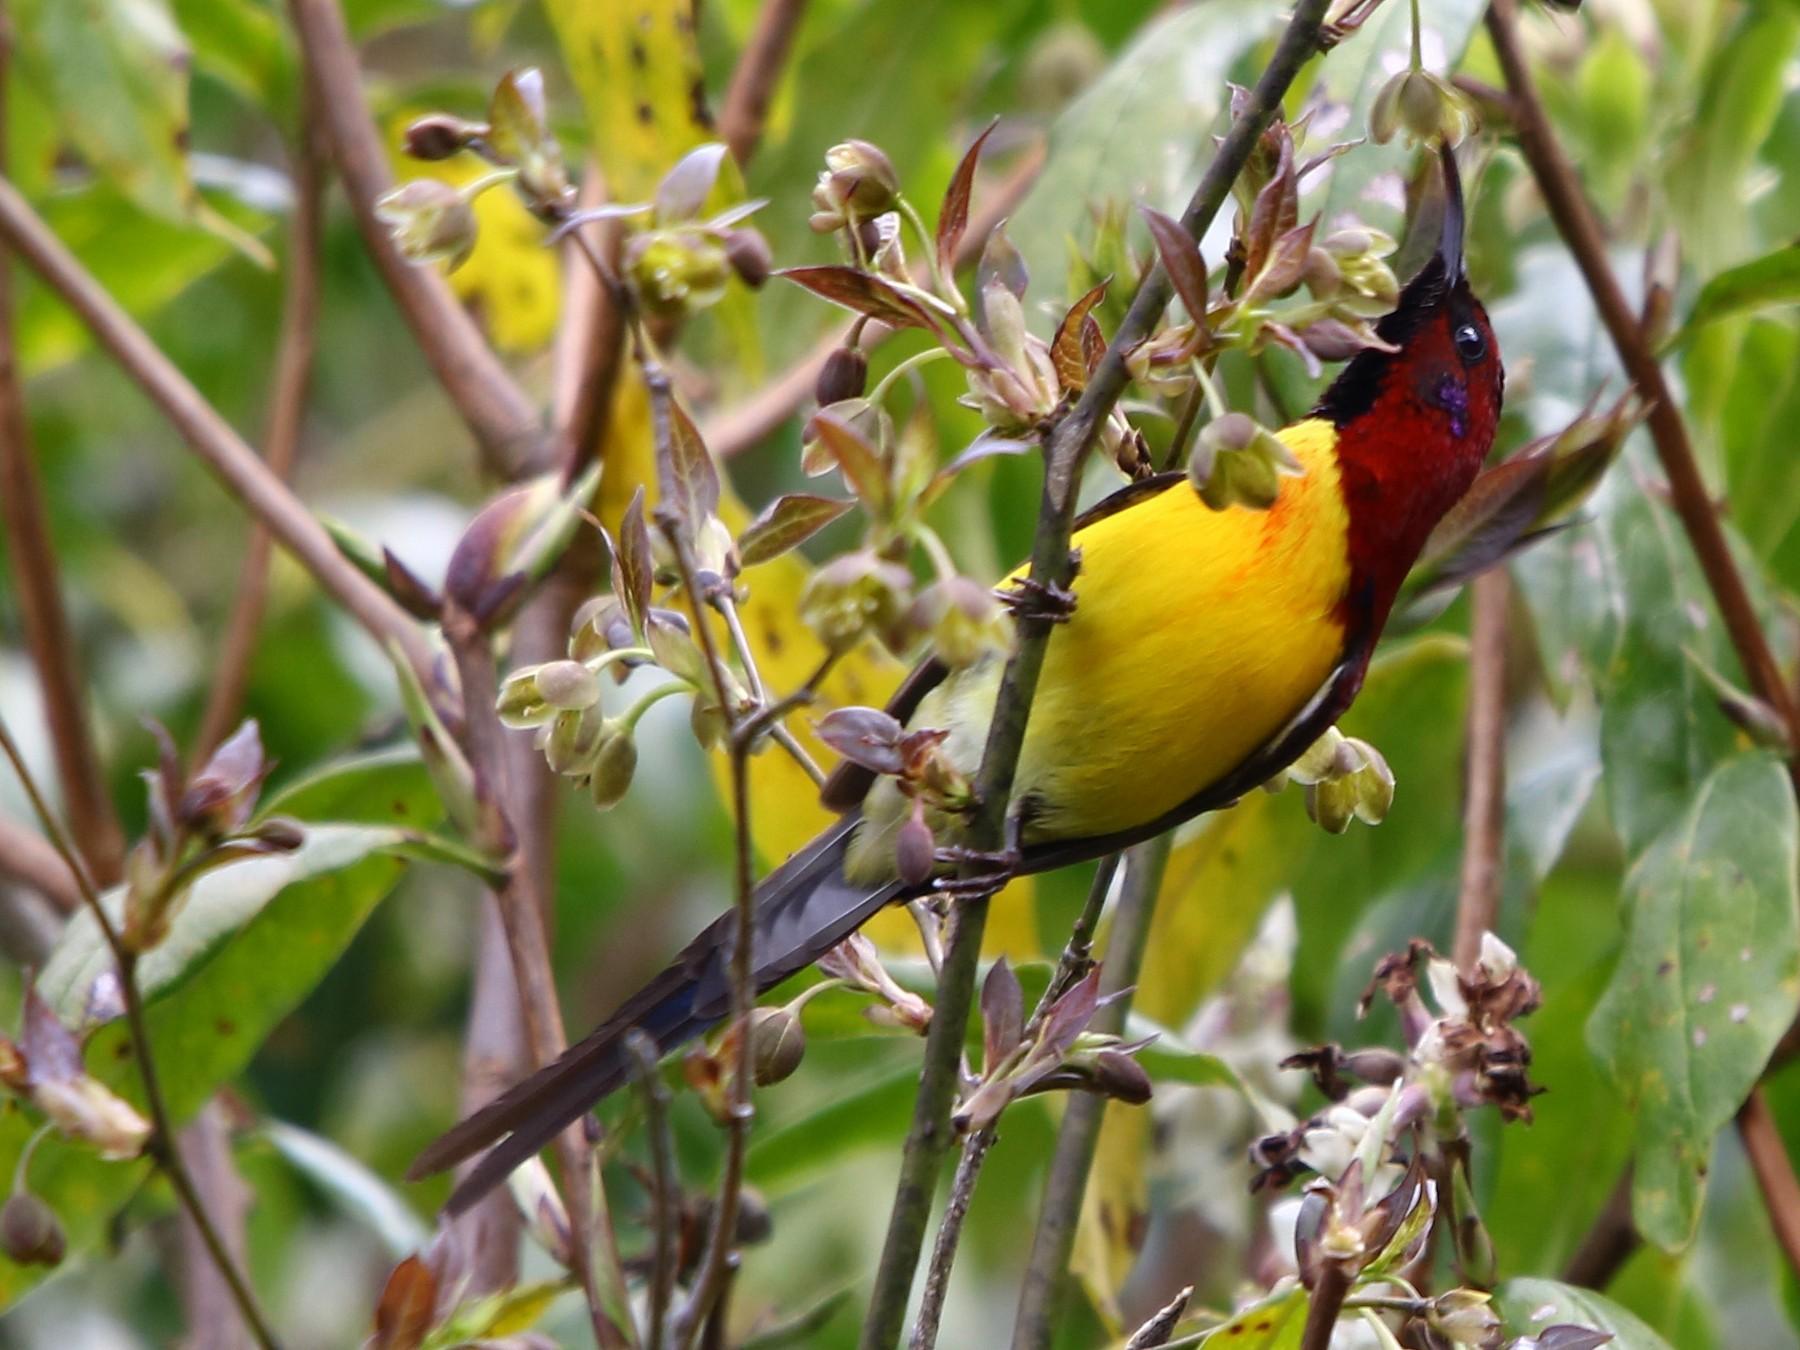 Mrs. Gould's Sunbird - Bhaarat Vyas